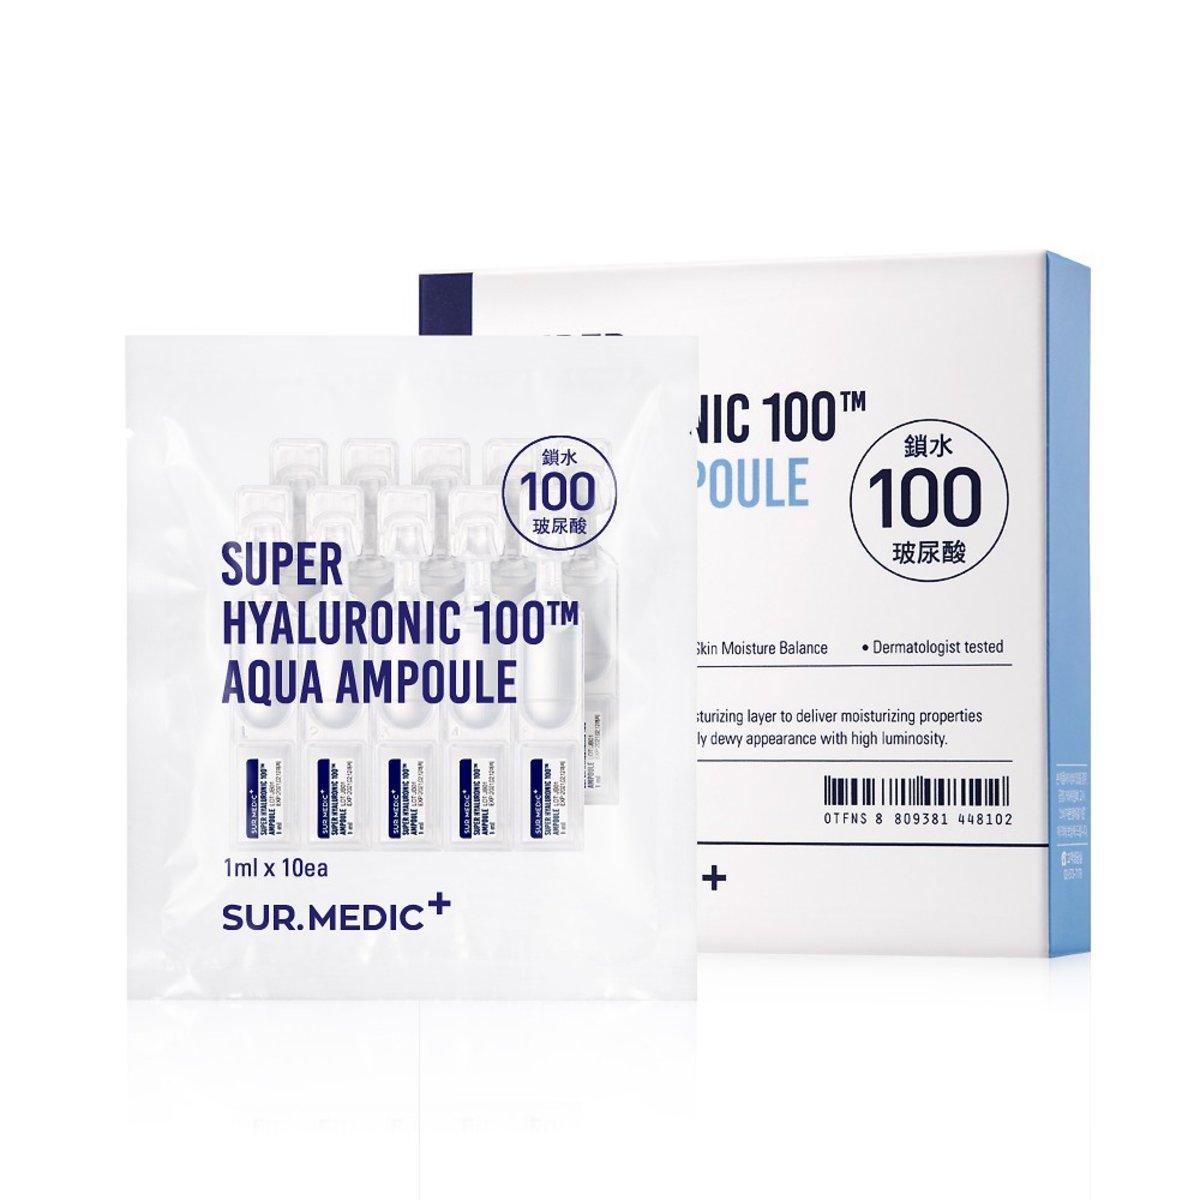 SUR.MEDIC+ Super Hyaluronic 100™ Aqua Ampoule 1ml*10ea